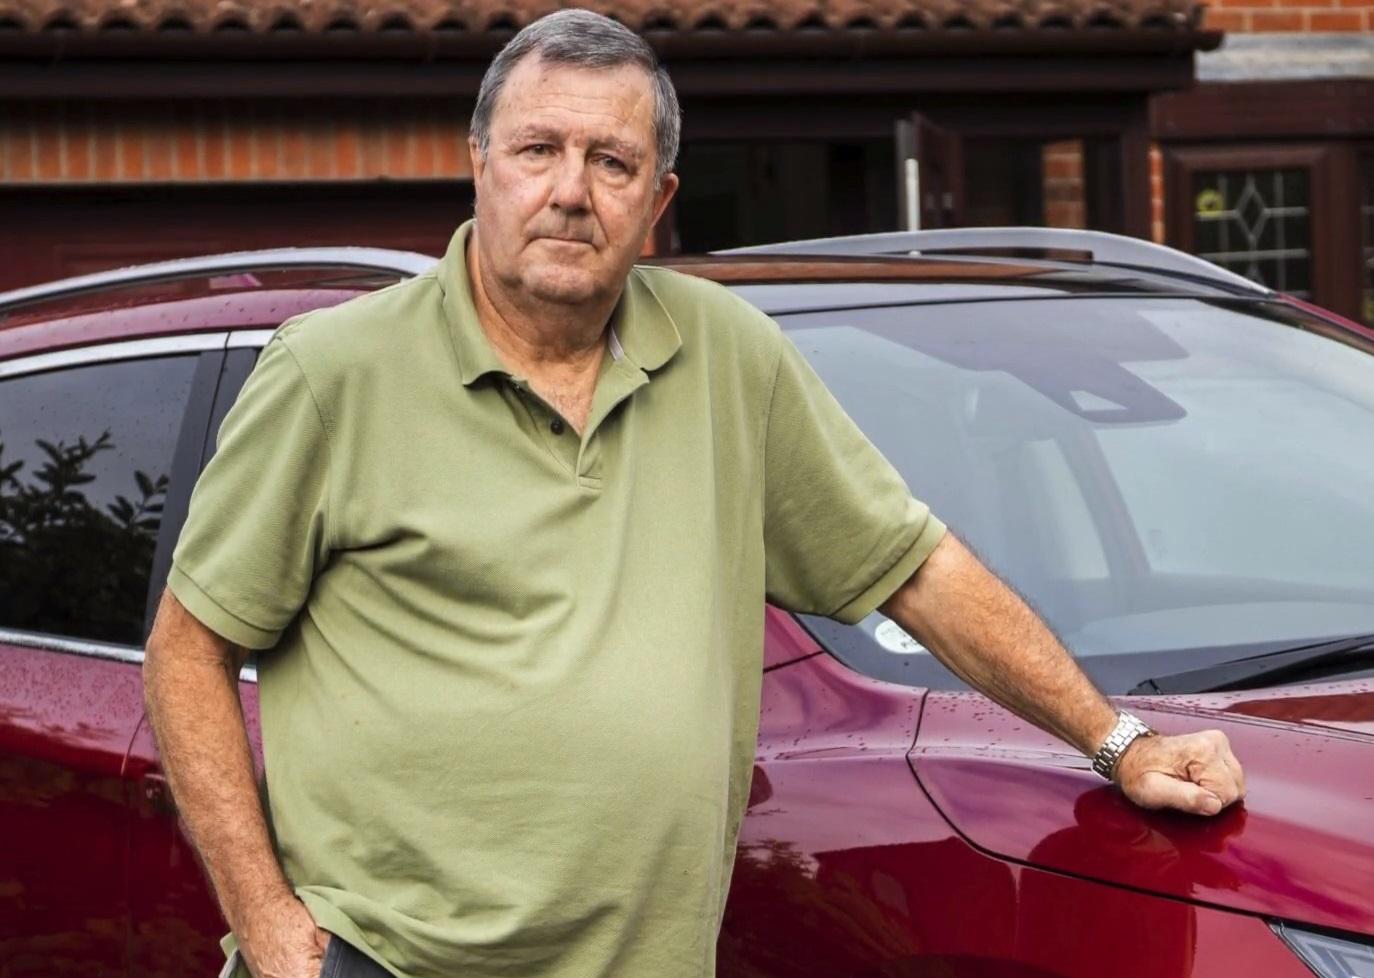 Слишком настойчивый водитель тратит десятки тысяч долларов на оспаривание штрафа 1